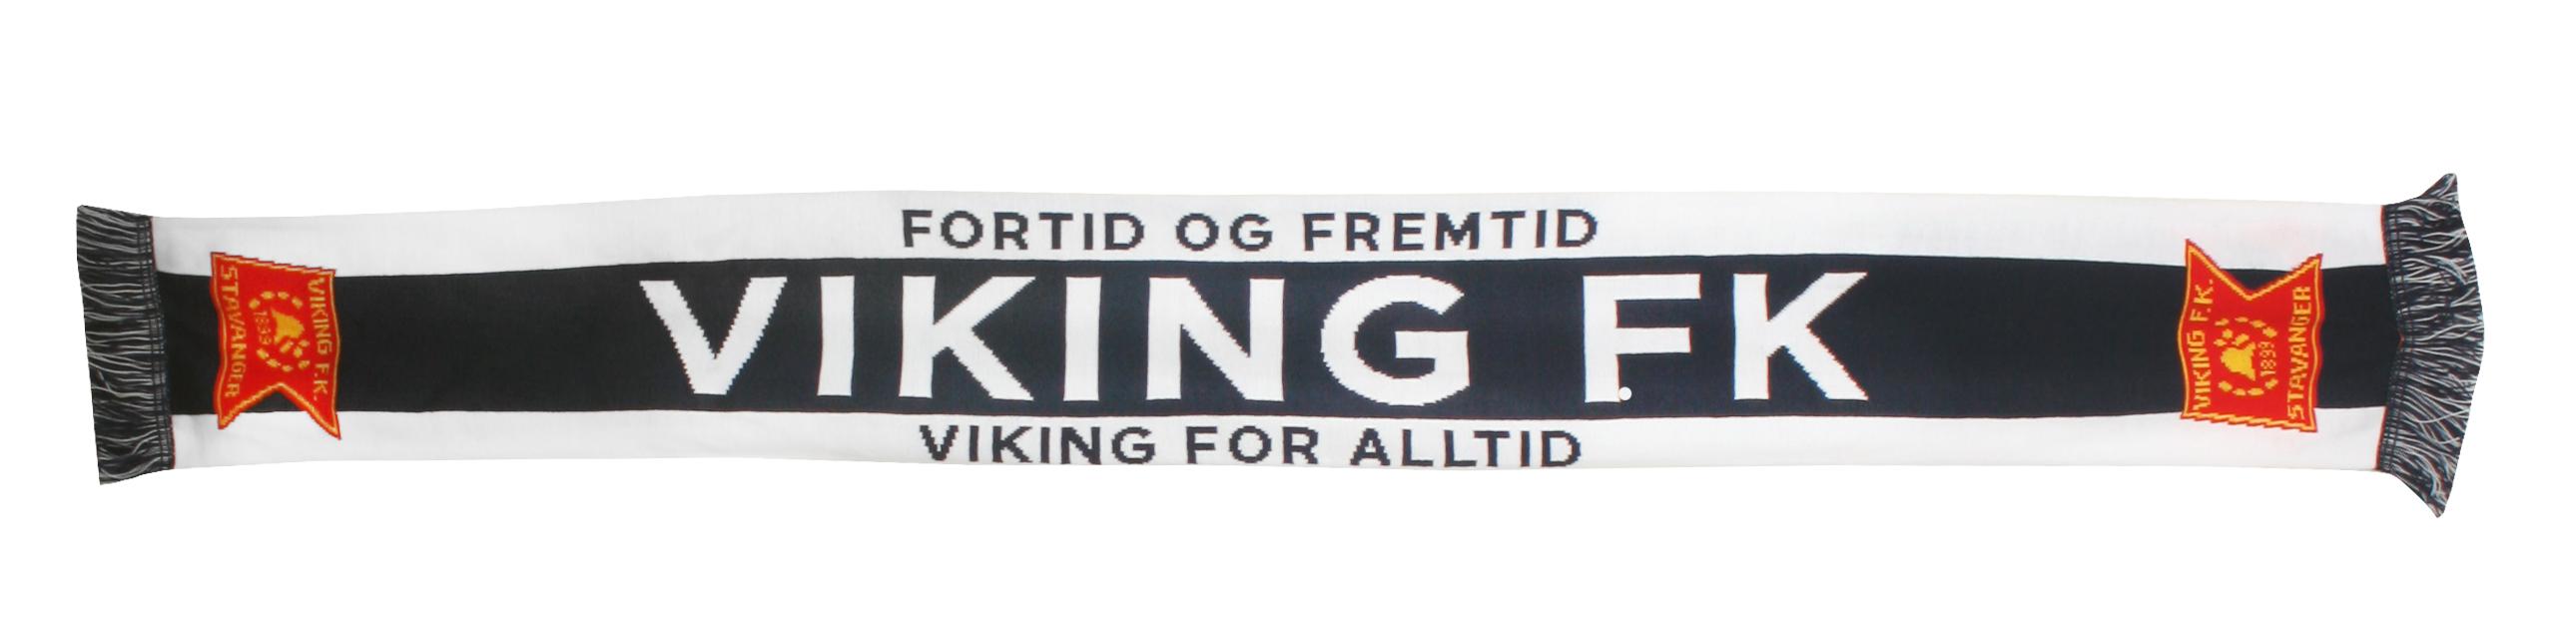 Skjerf - Viking FK - SALG